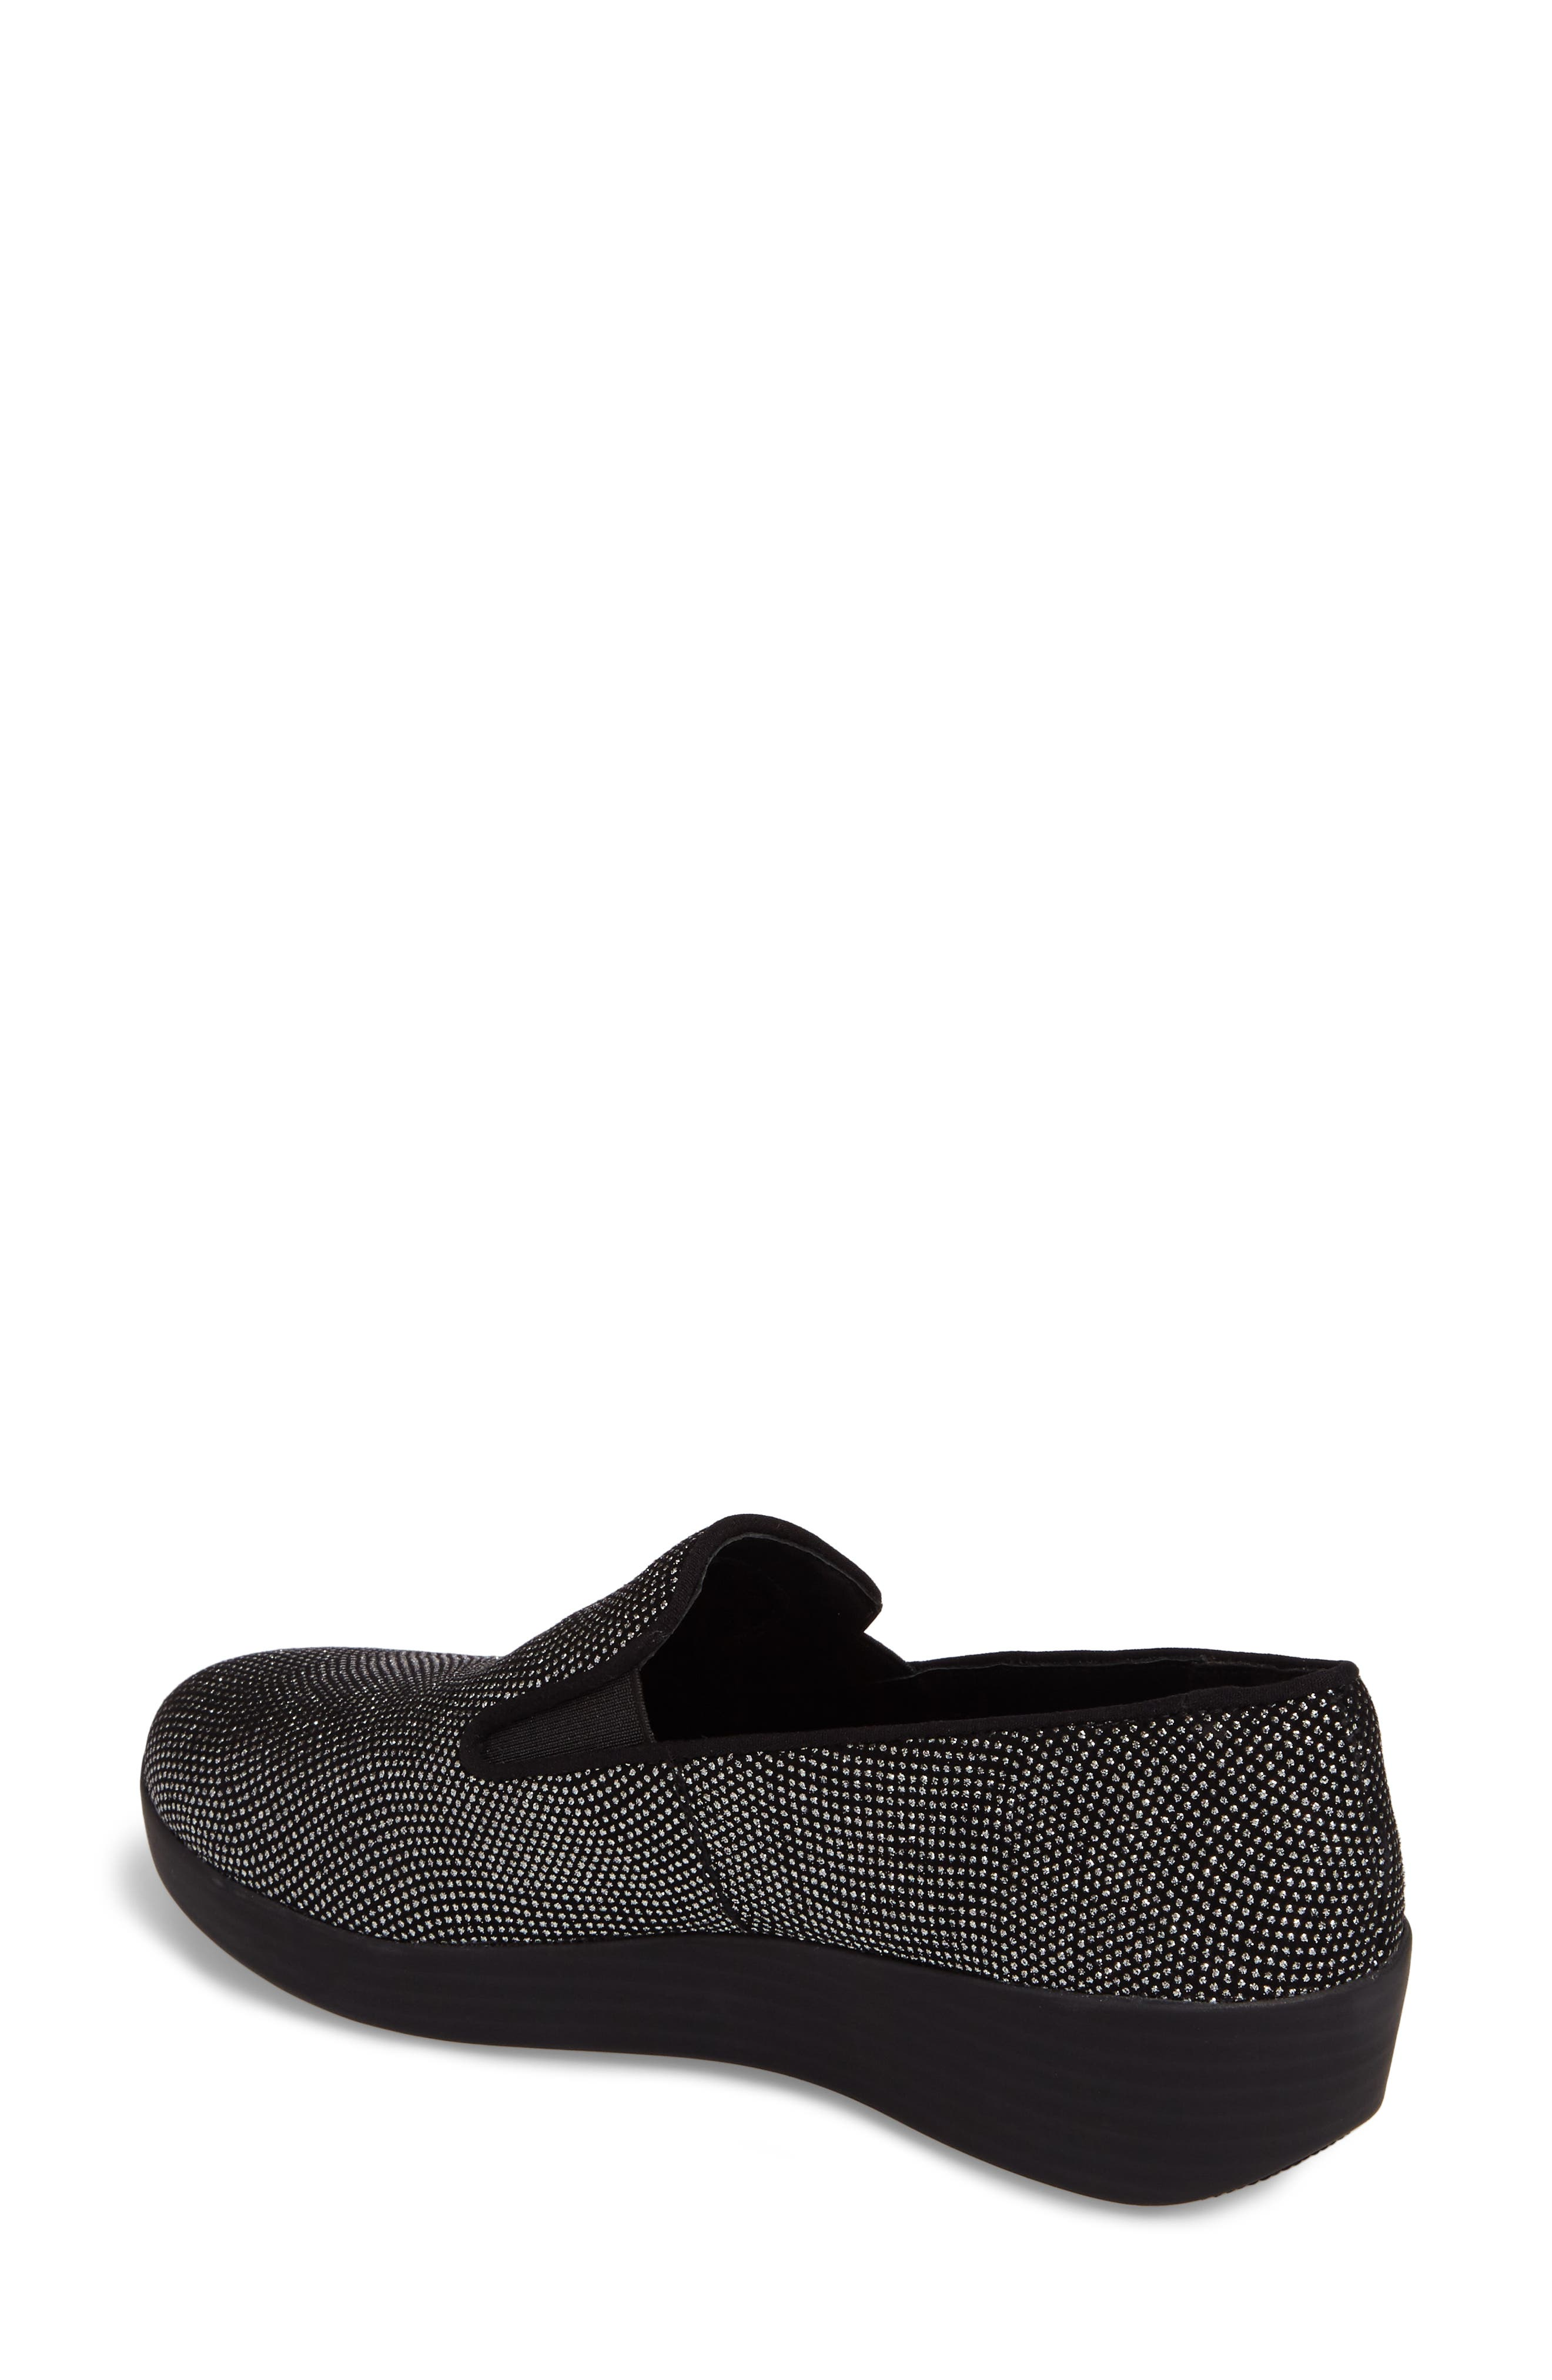 Alternate Image 2  - FitFlop Superskate Glitter Dot Slip-On Sneaker (Women)